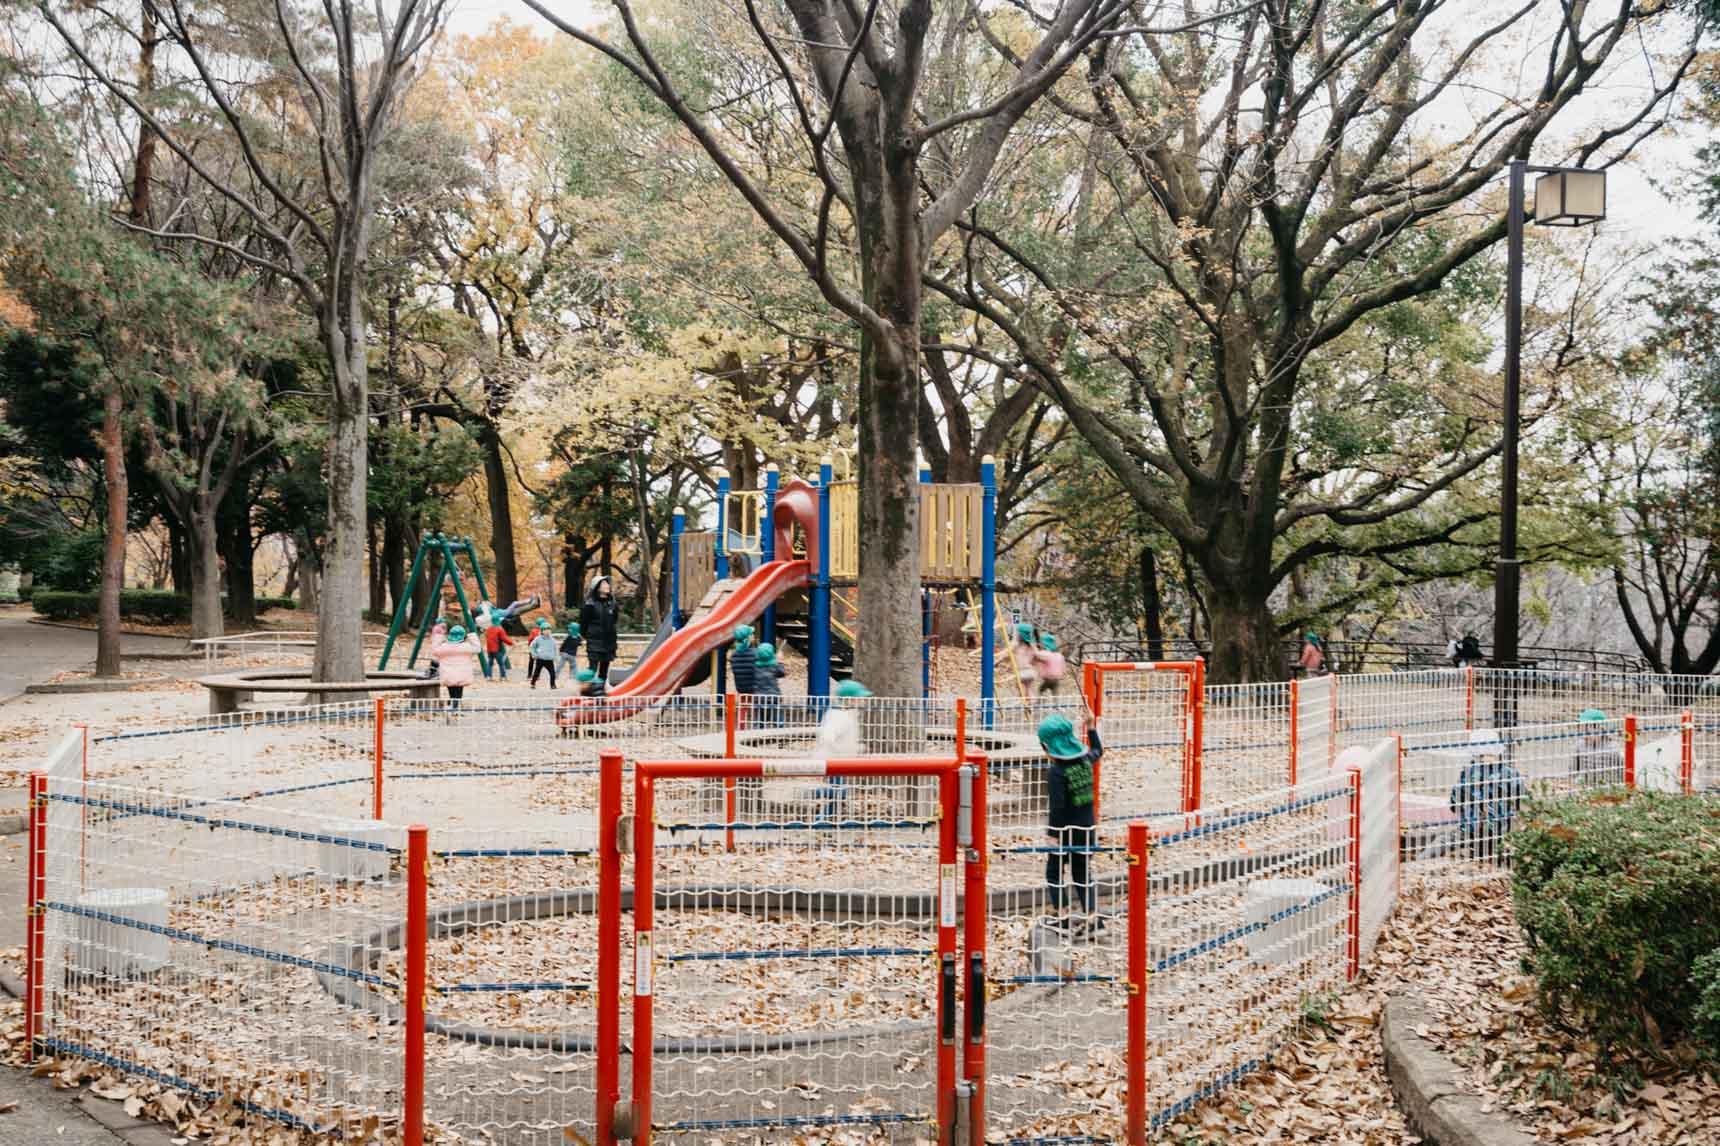 遊具のあるコーナーや、テニスコートなどもあり、子どもからお年寄りまで幅広く利用されている公園です。